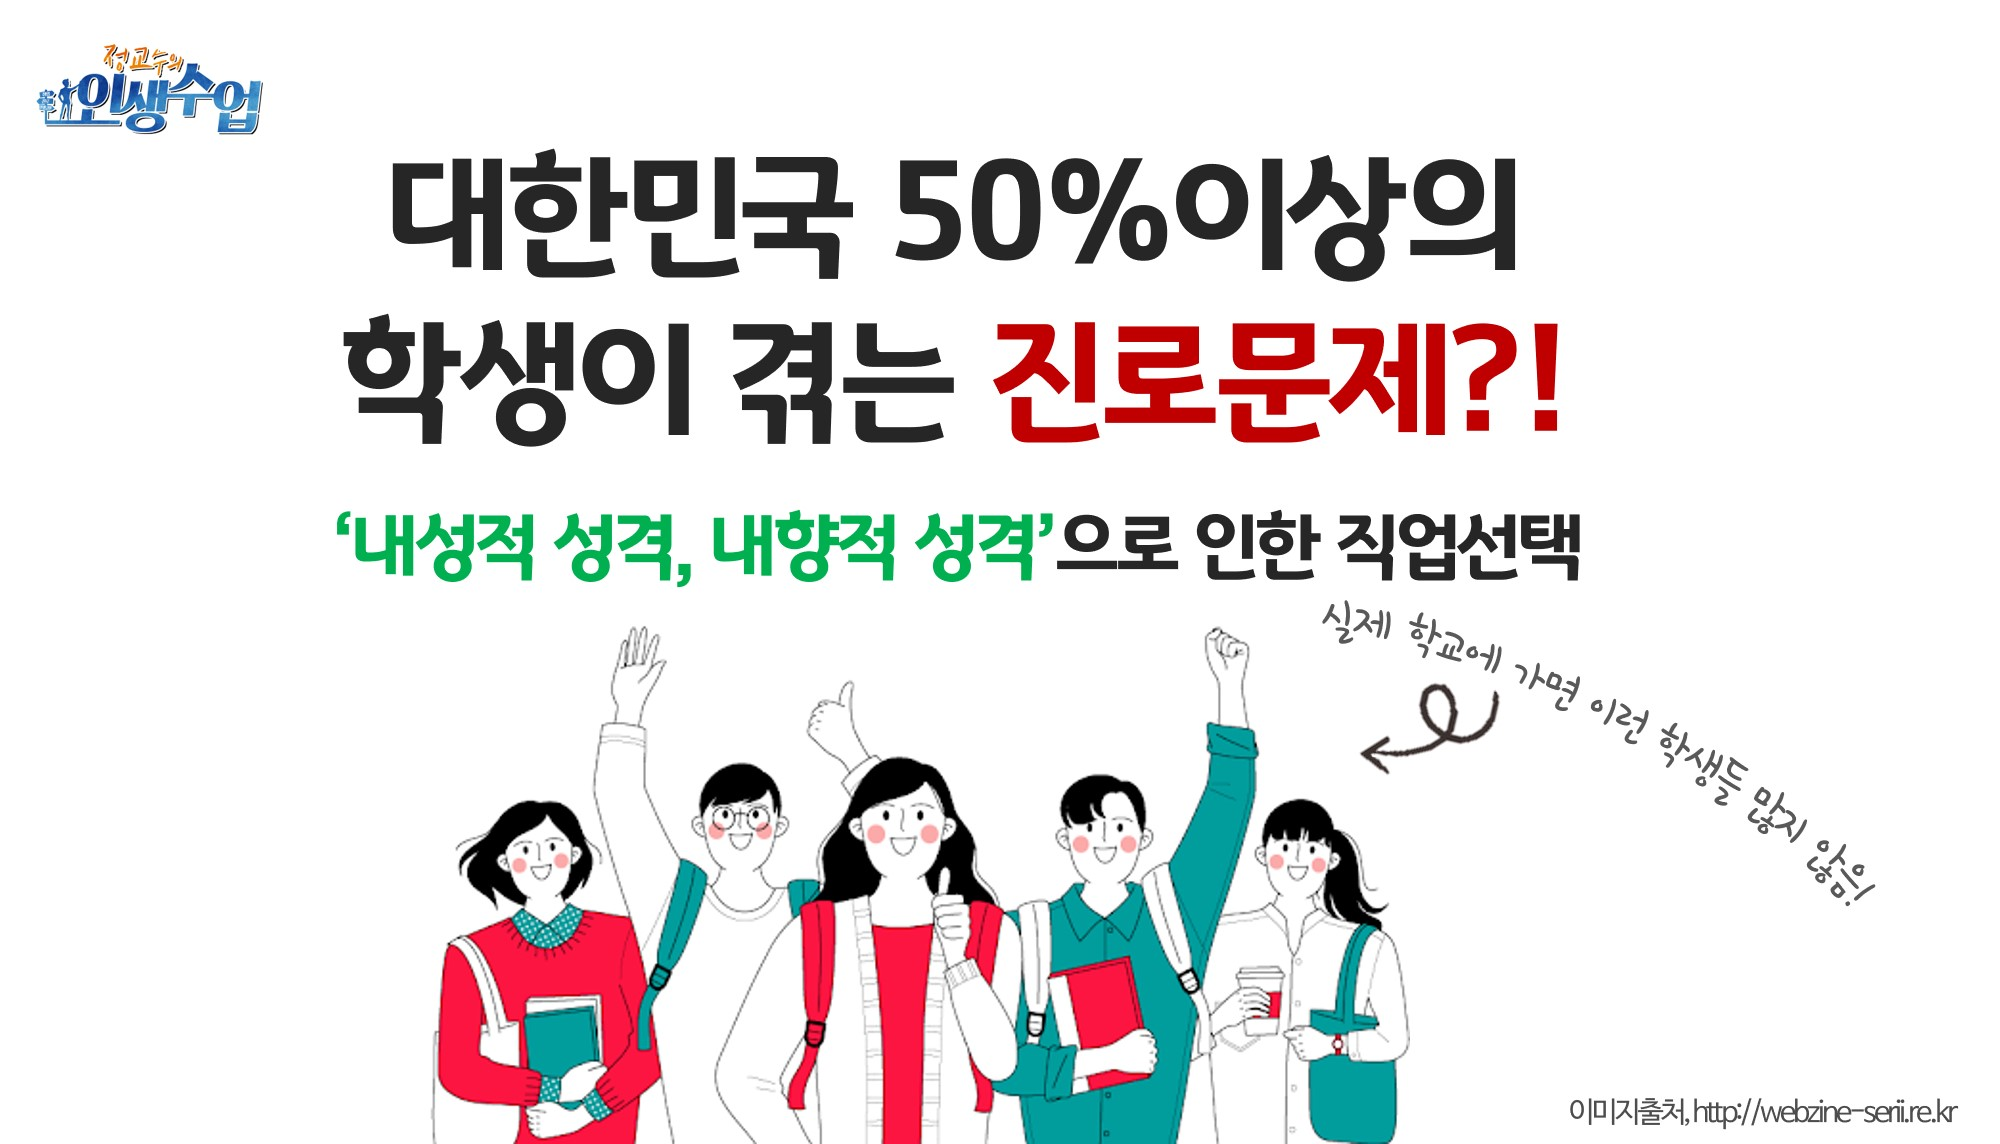 대한민국 50%이상의 학생이 겪는 진로문제?! - '내성적 성격, 내향적 성격'으로 인한 직업선택